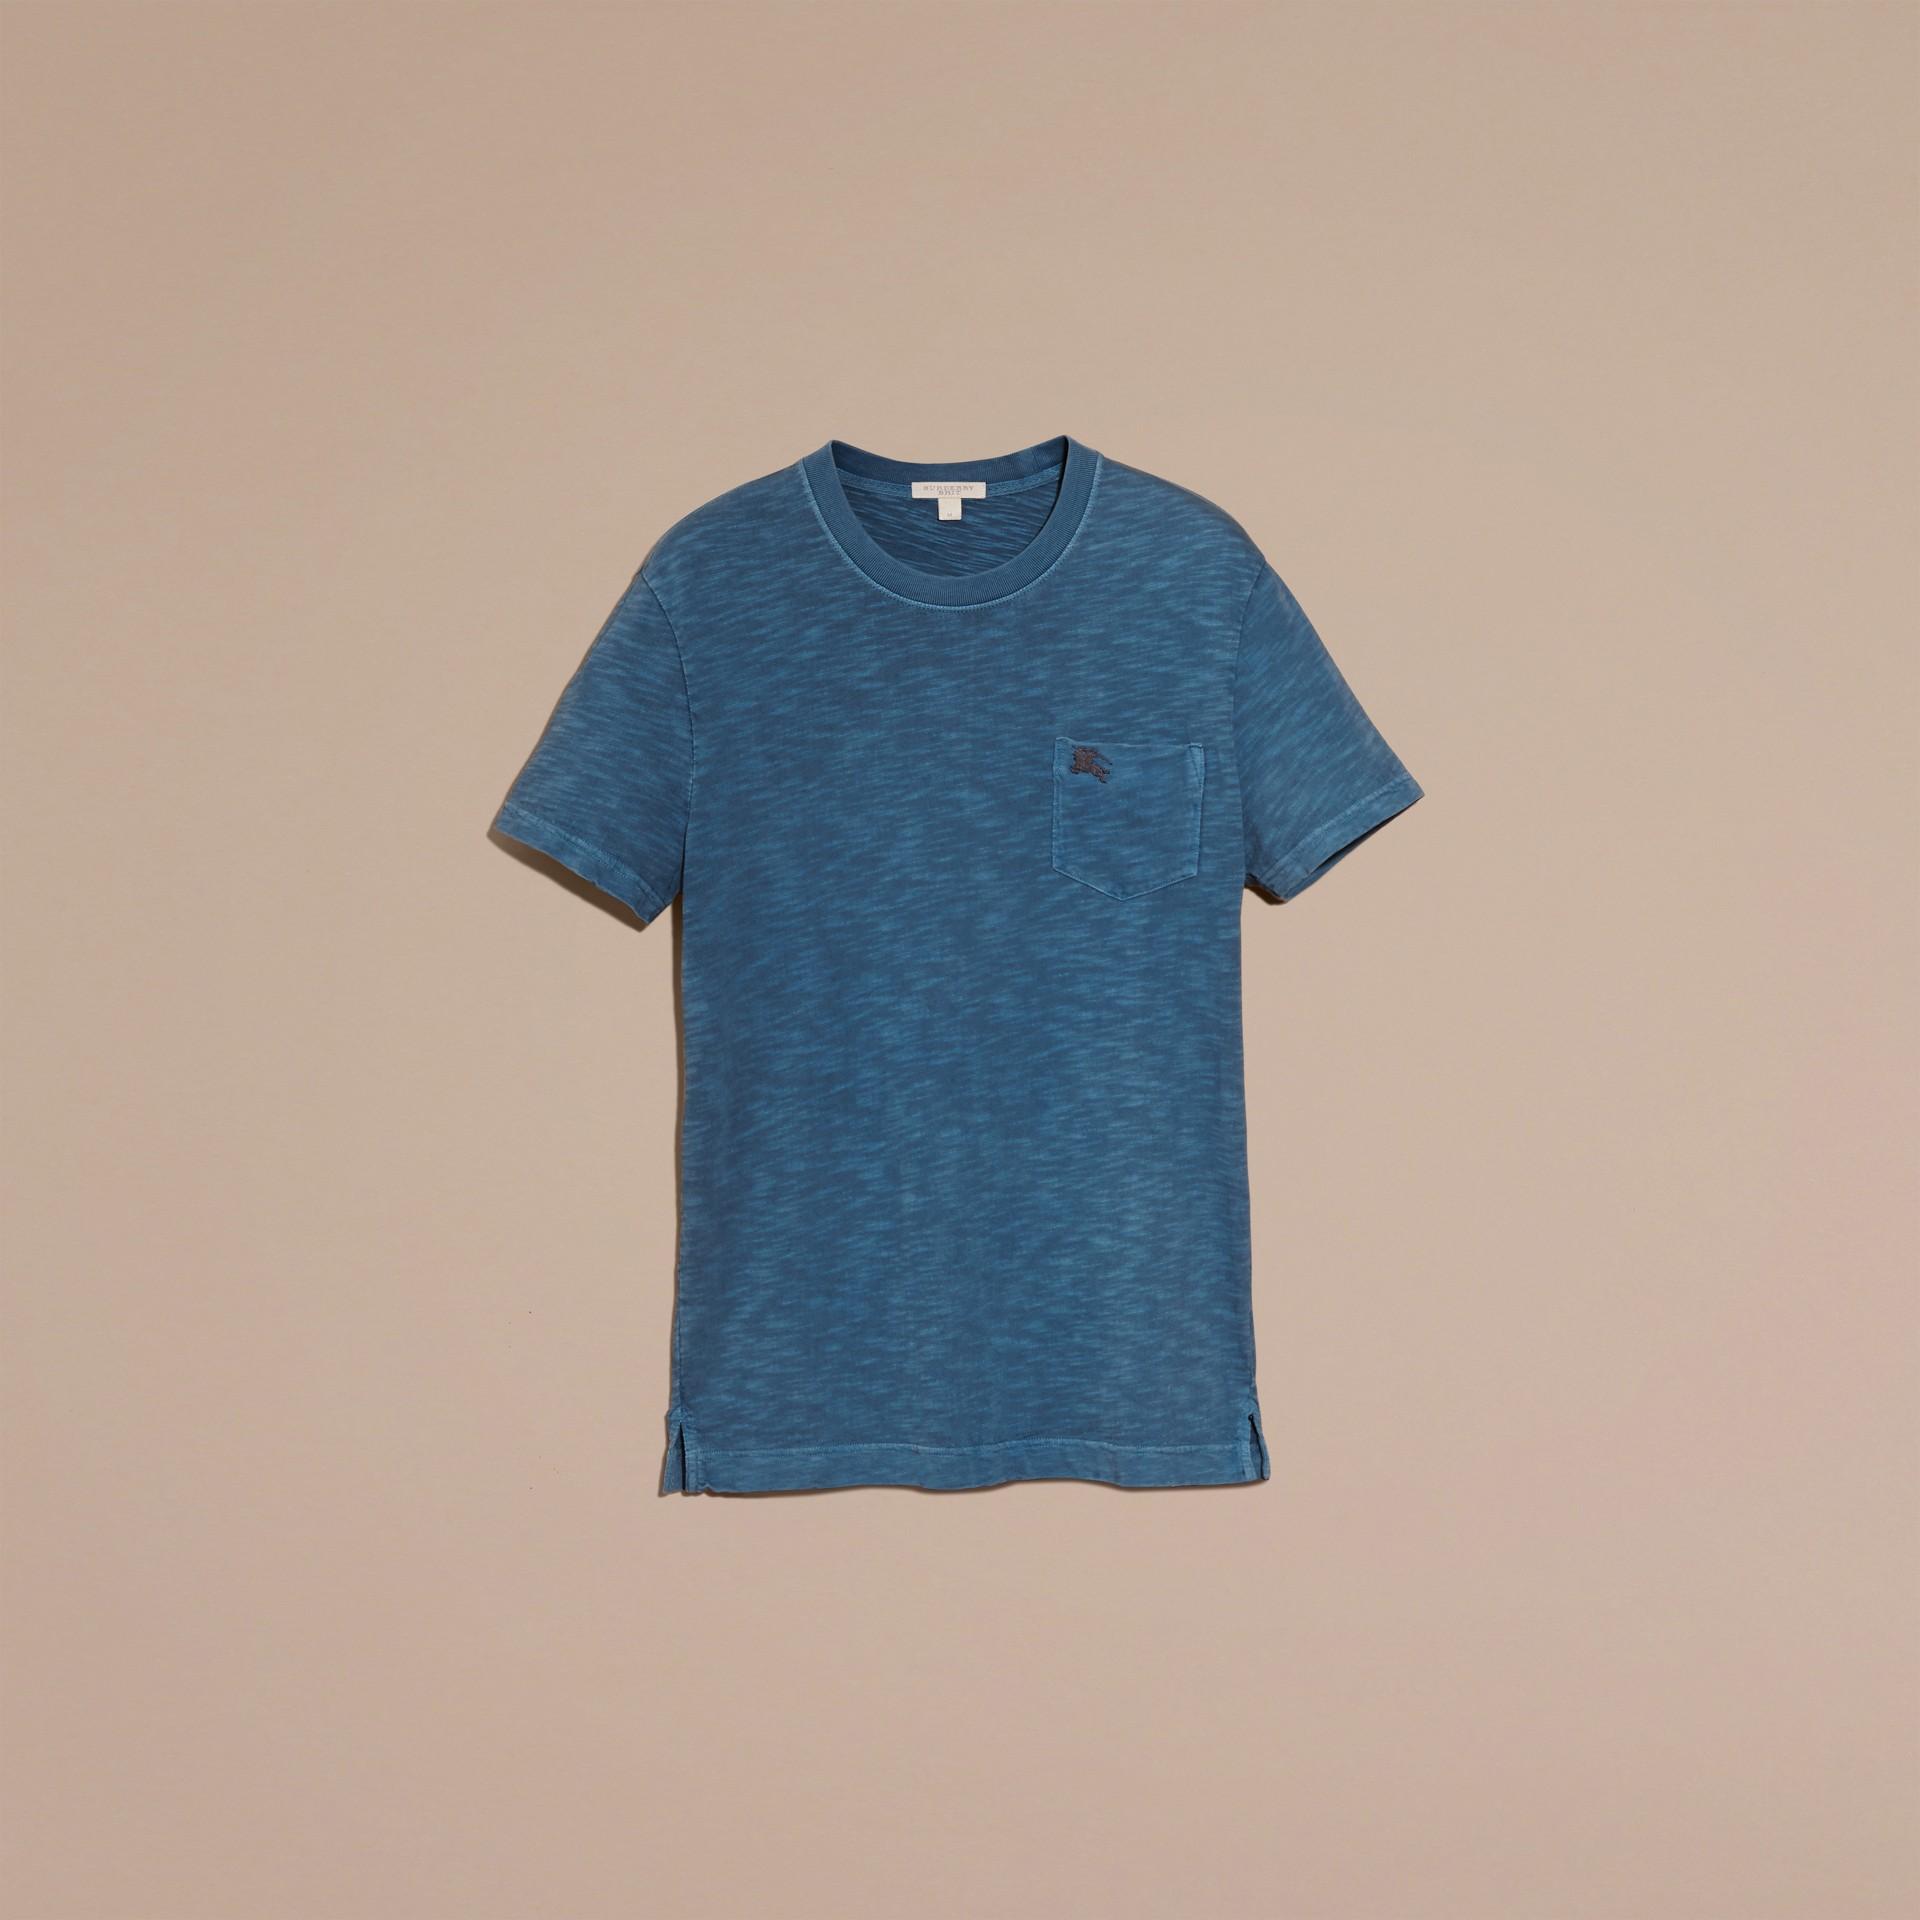 ルピナスブルー スラブジャージー・ダブルダイド・Tシャツ - ギャラリーイメージ 4